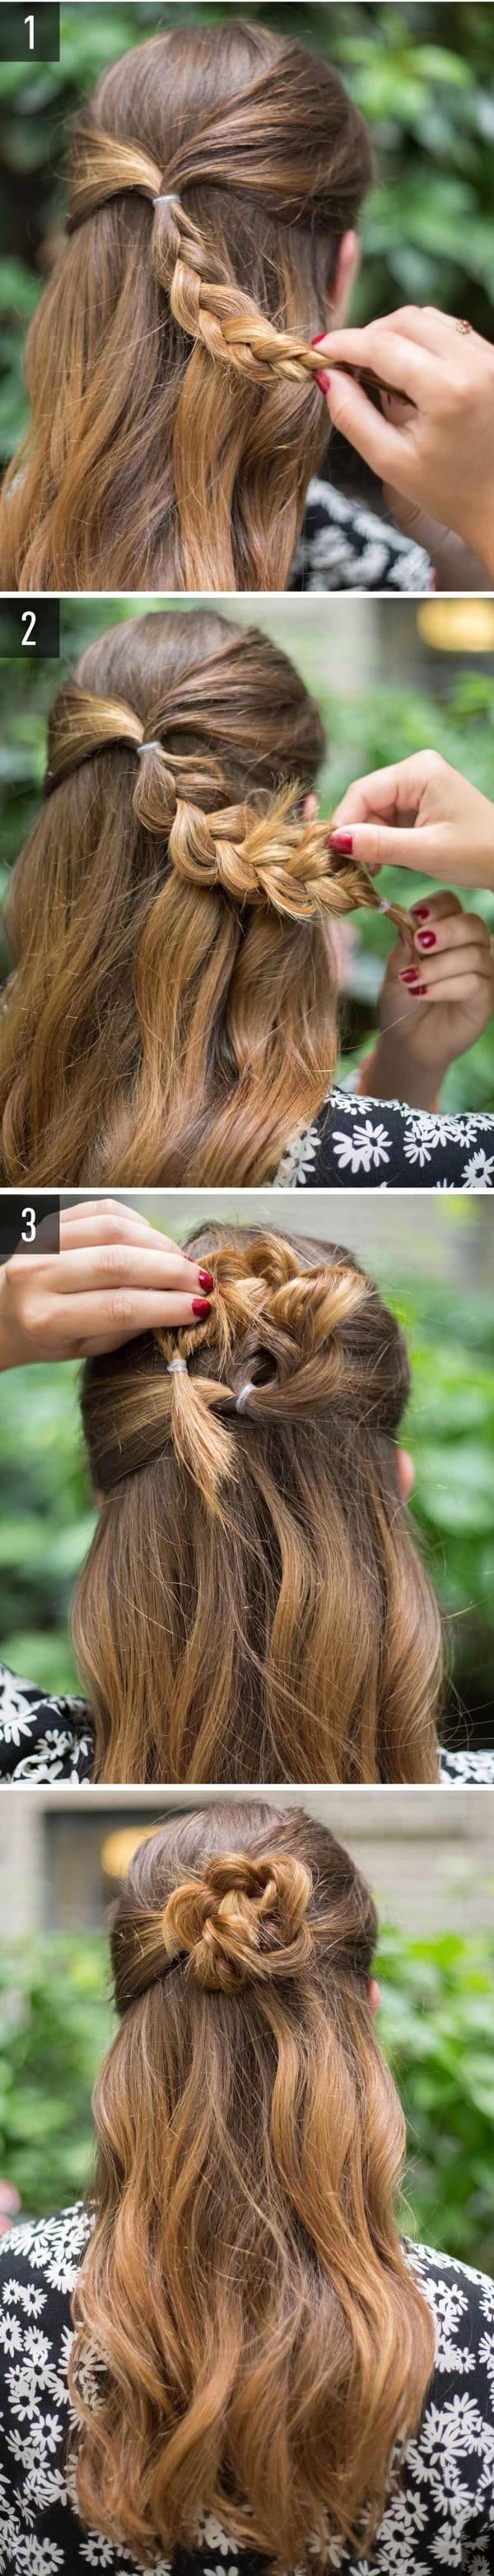 làm tóc đi đám cưới đơn giản